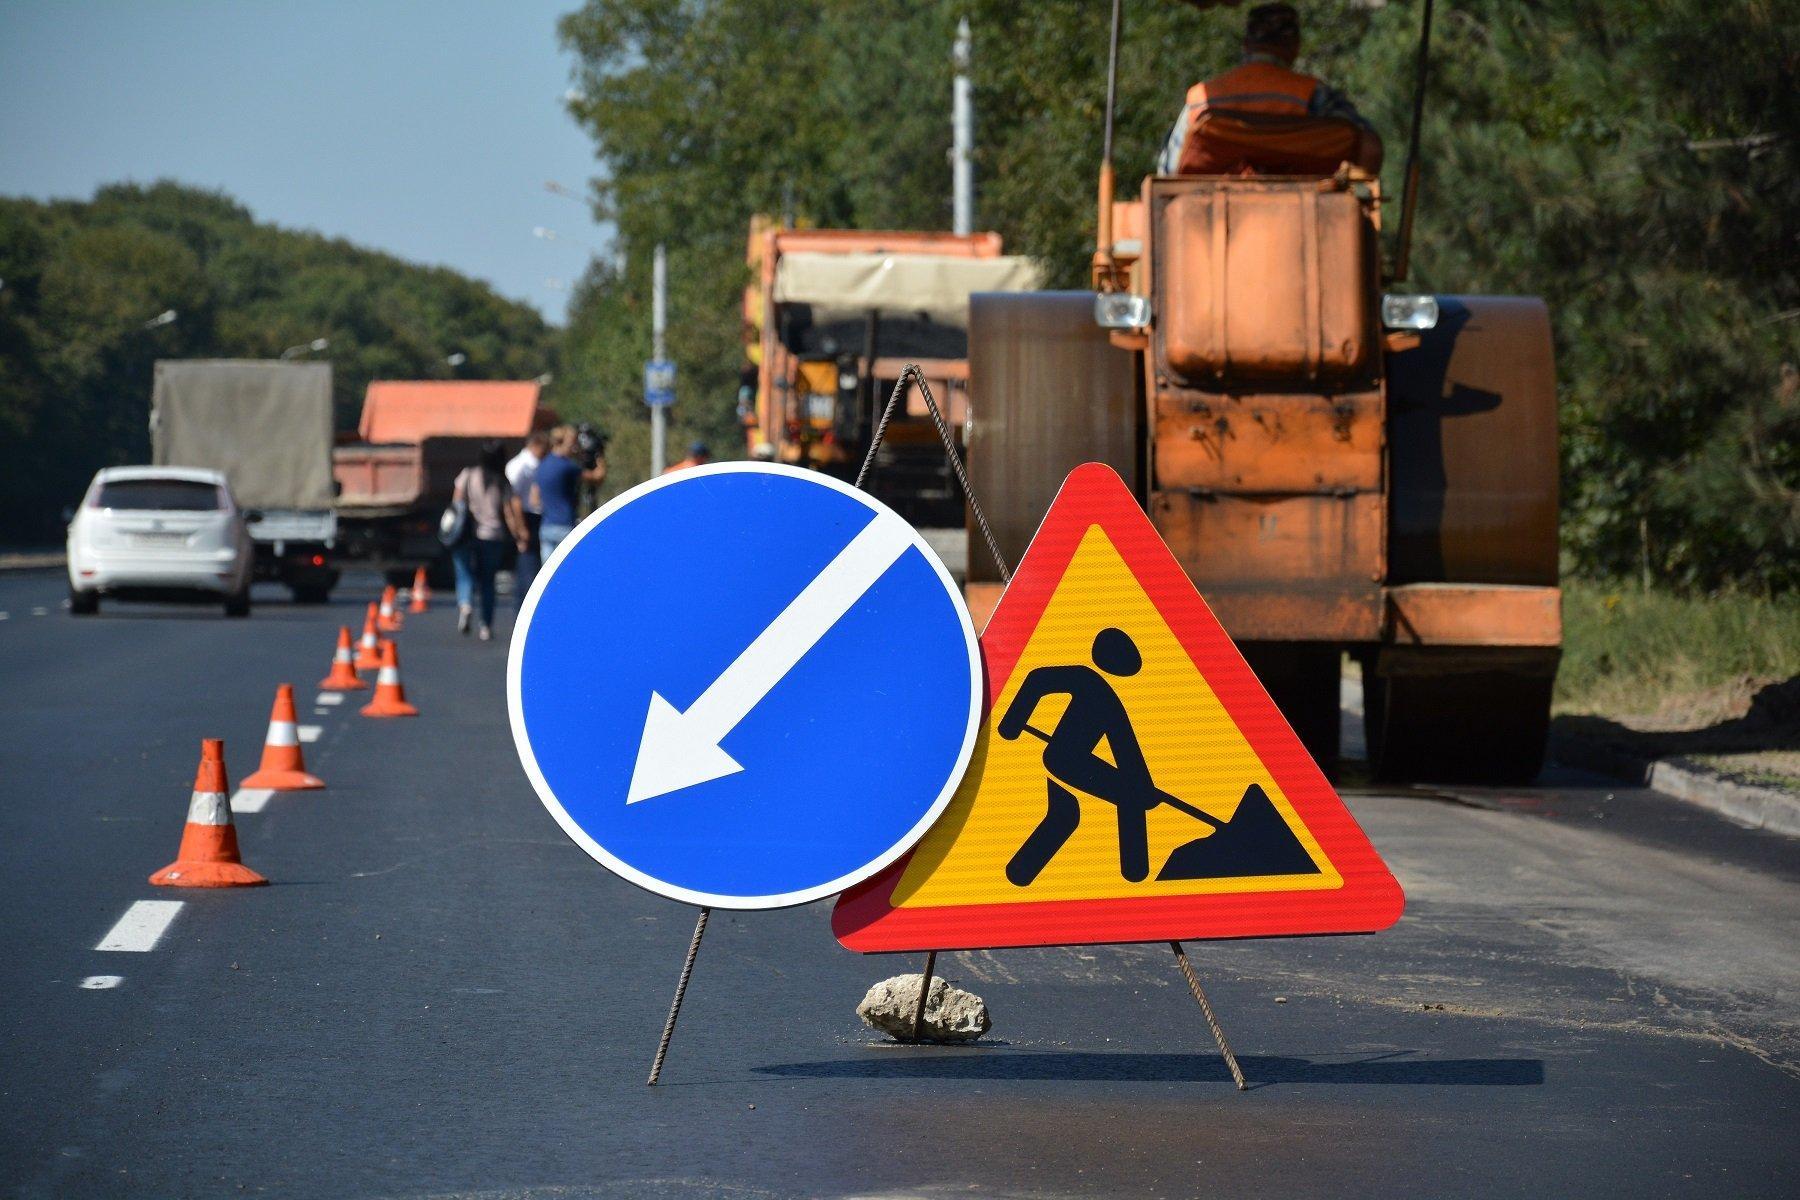 С 26 мая автобусы всех перевозчиков поедут в объезд ремонтируемого участка по улице Меркулова